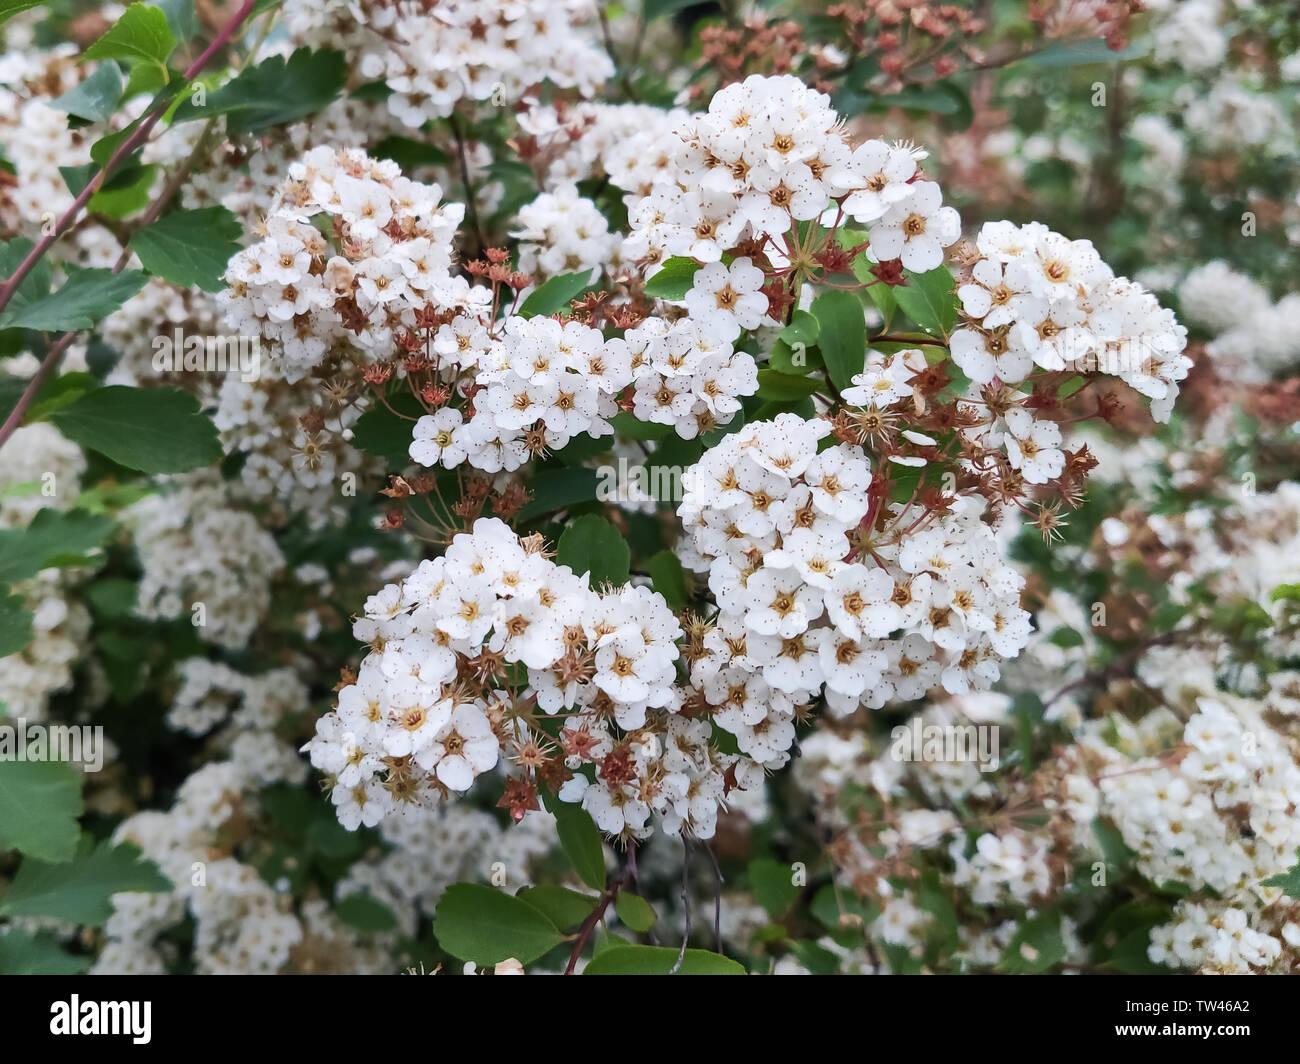 Spiraea Vanhouttei Stock Photos Spiraea Vanhouttei Stock Images